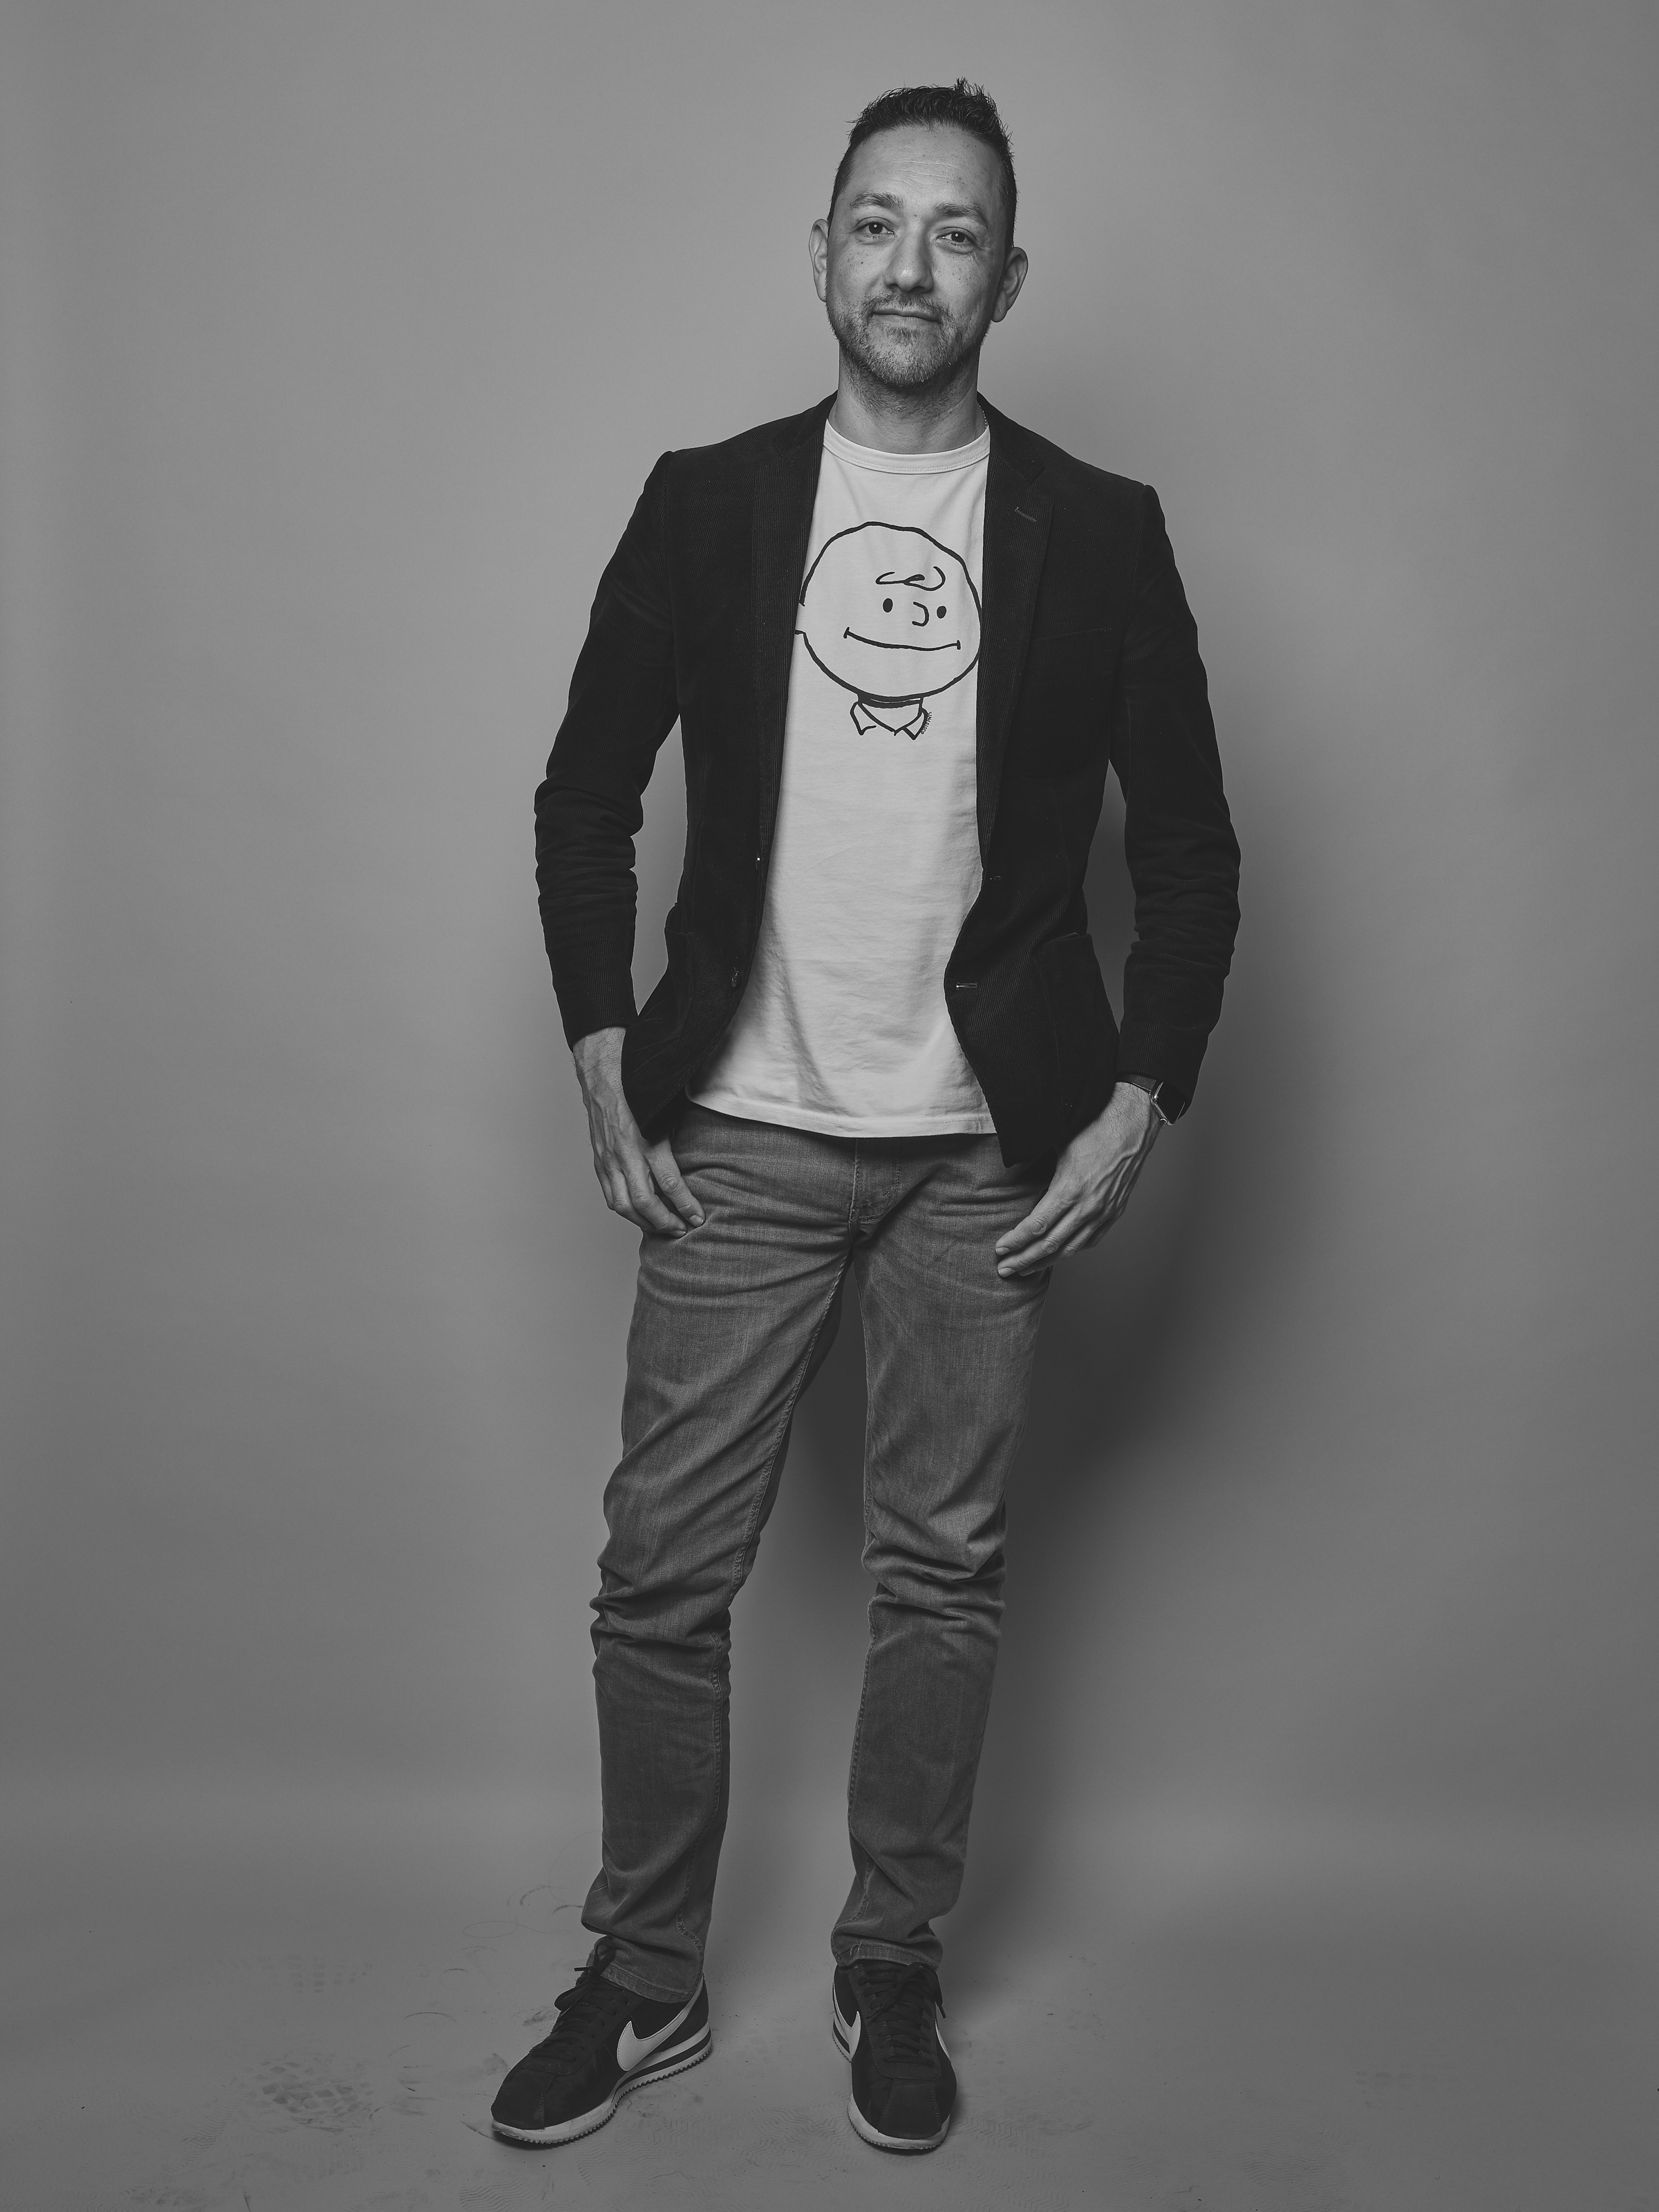 Enrique Meza - Creative Director